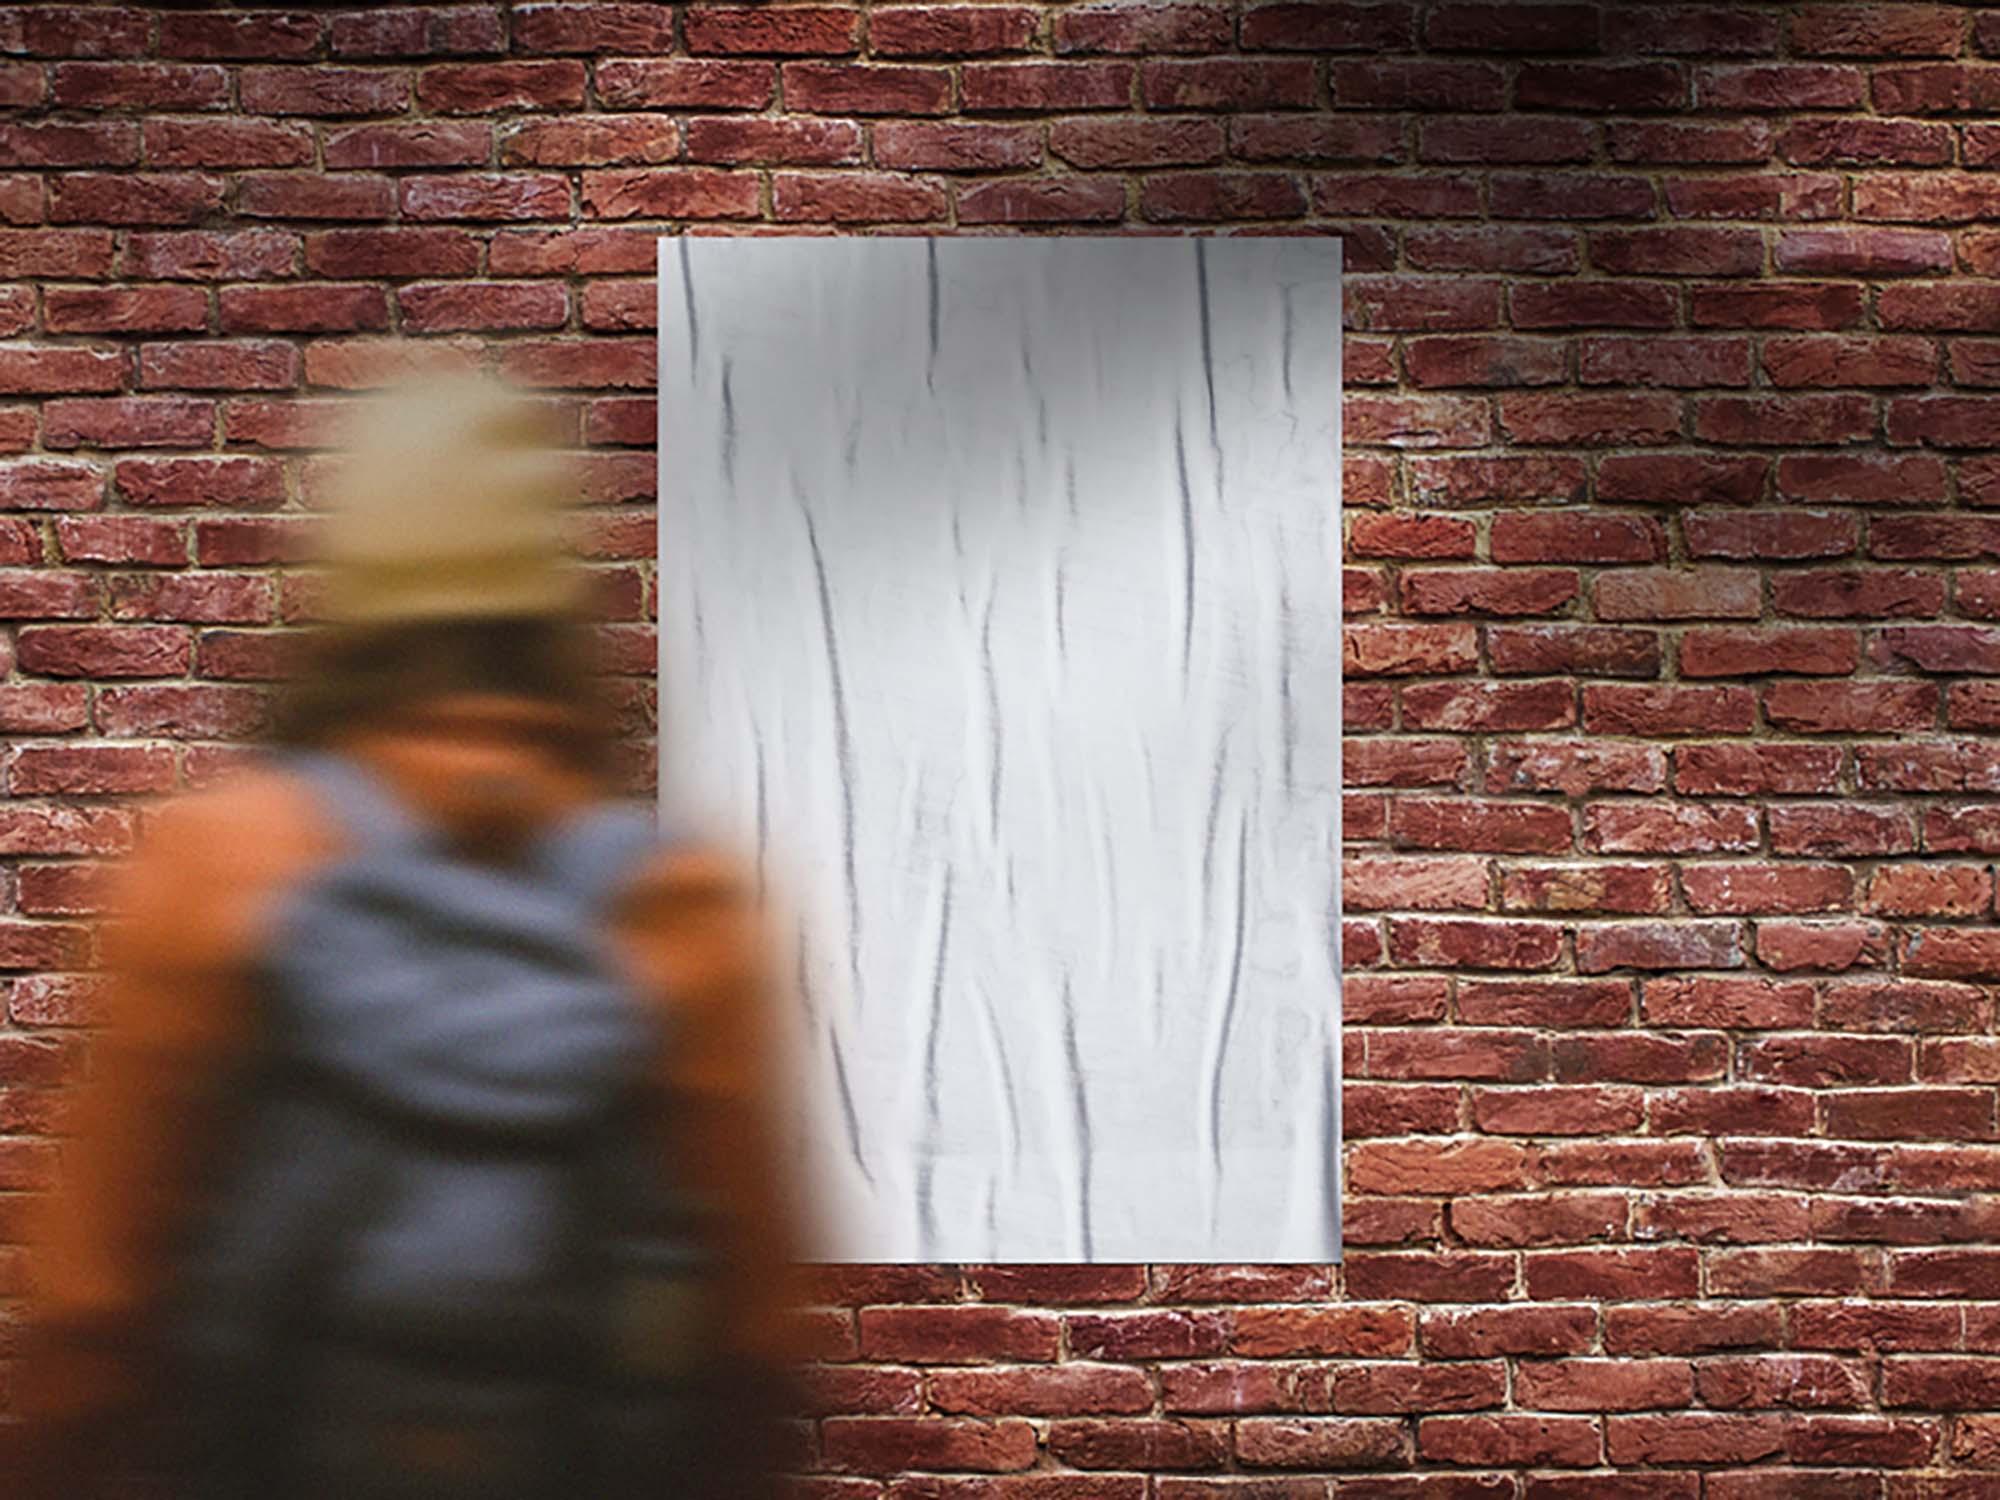 Outdoor Bricks Wall Poster Mockup 2